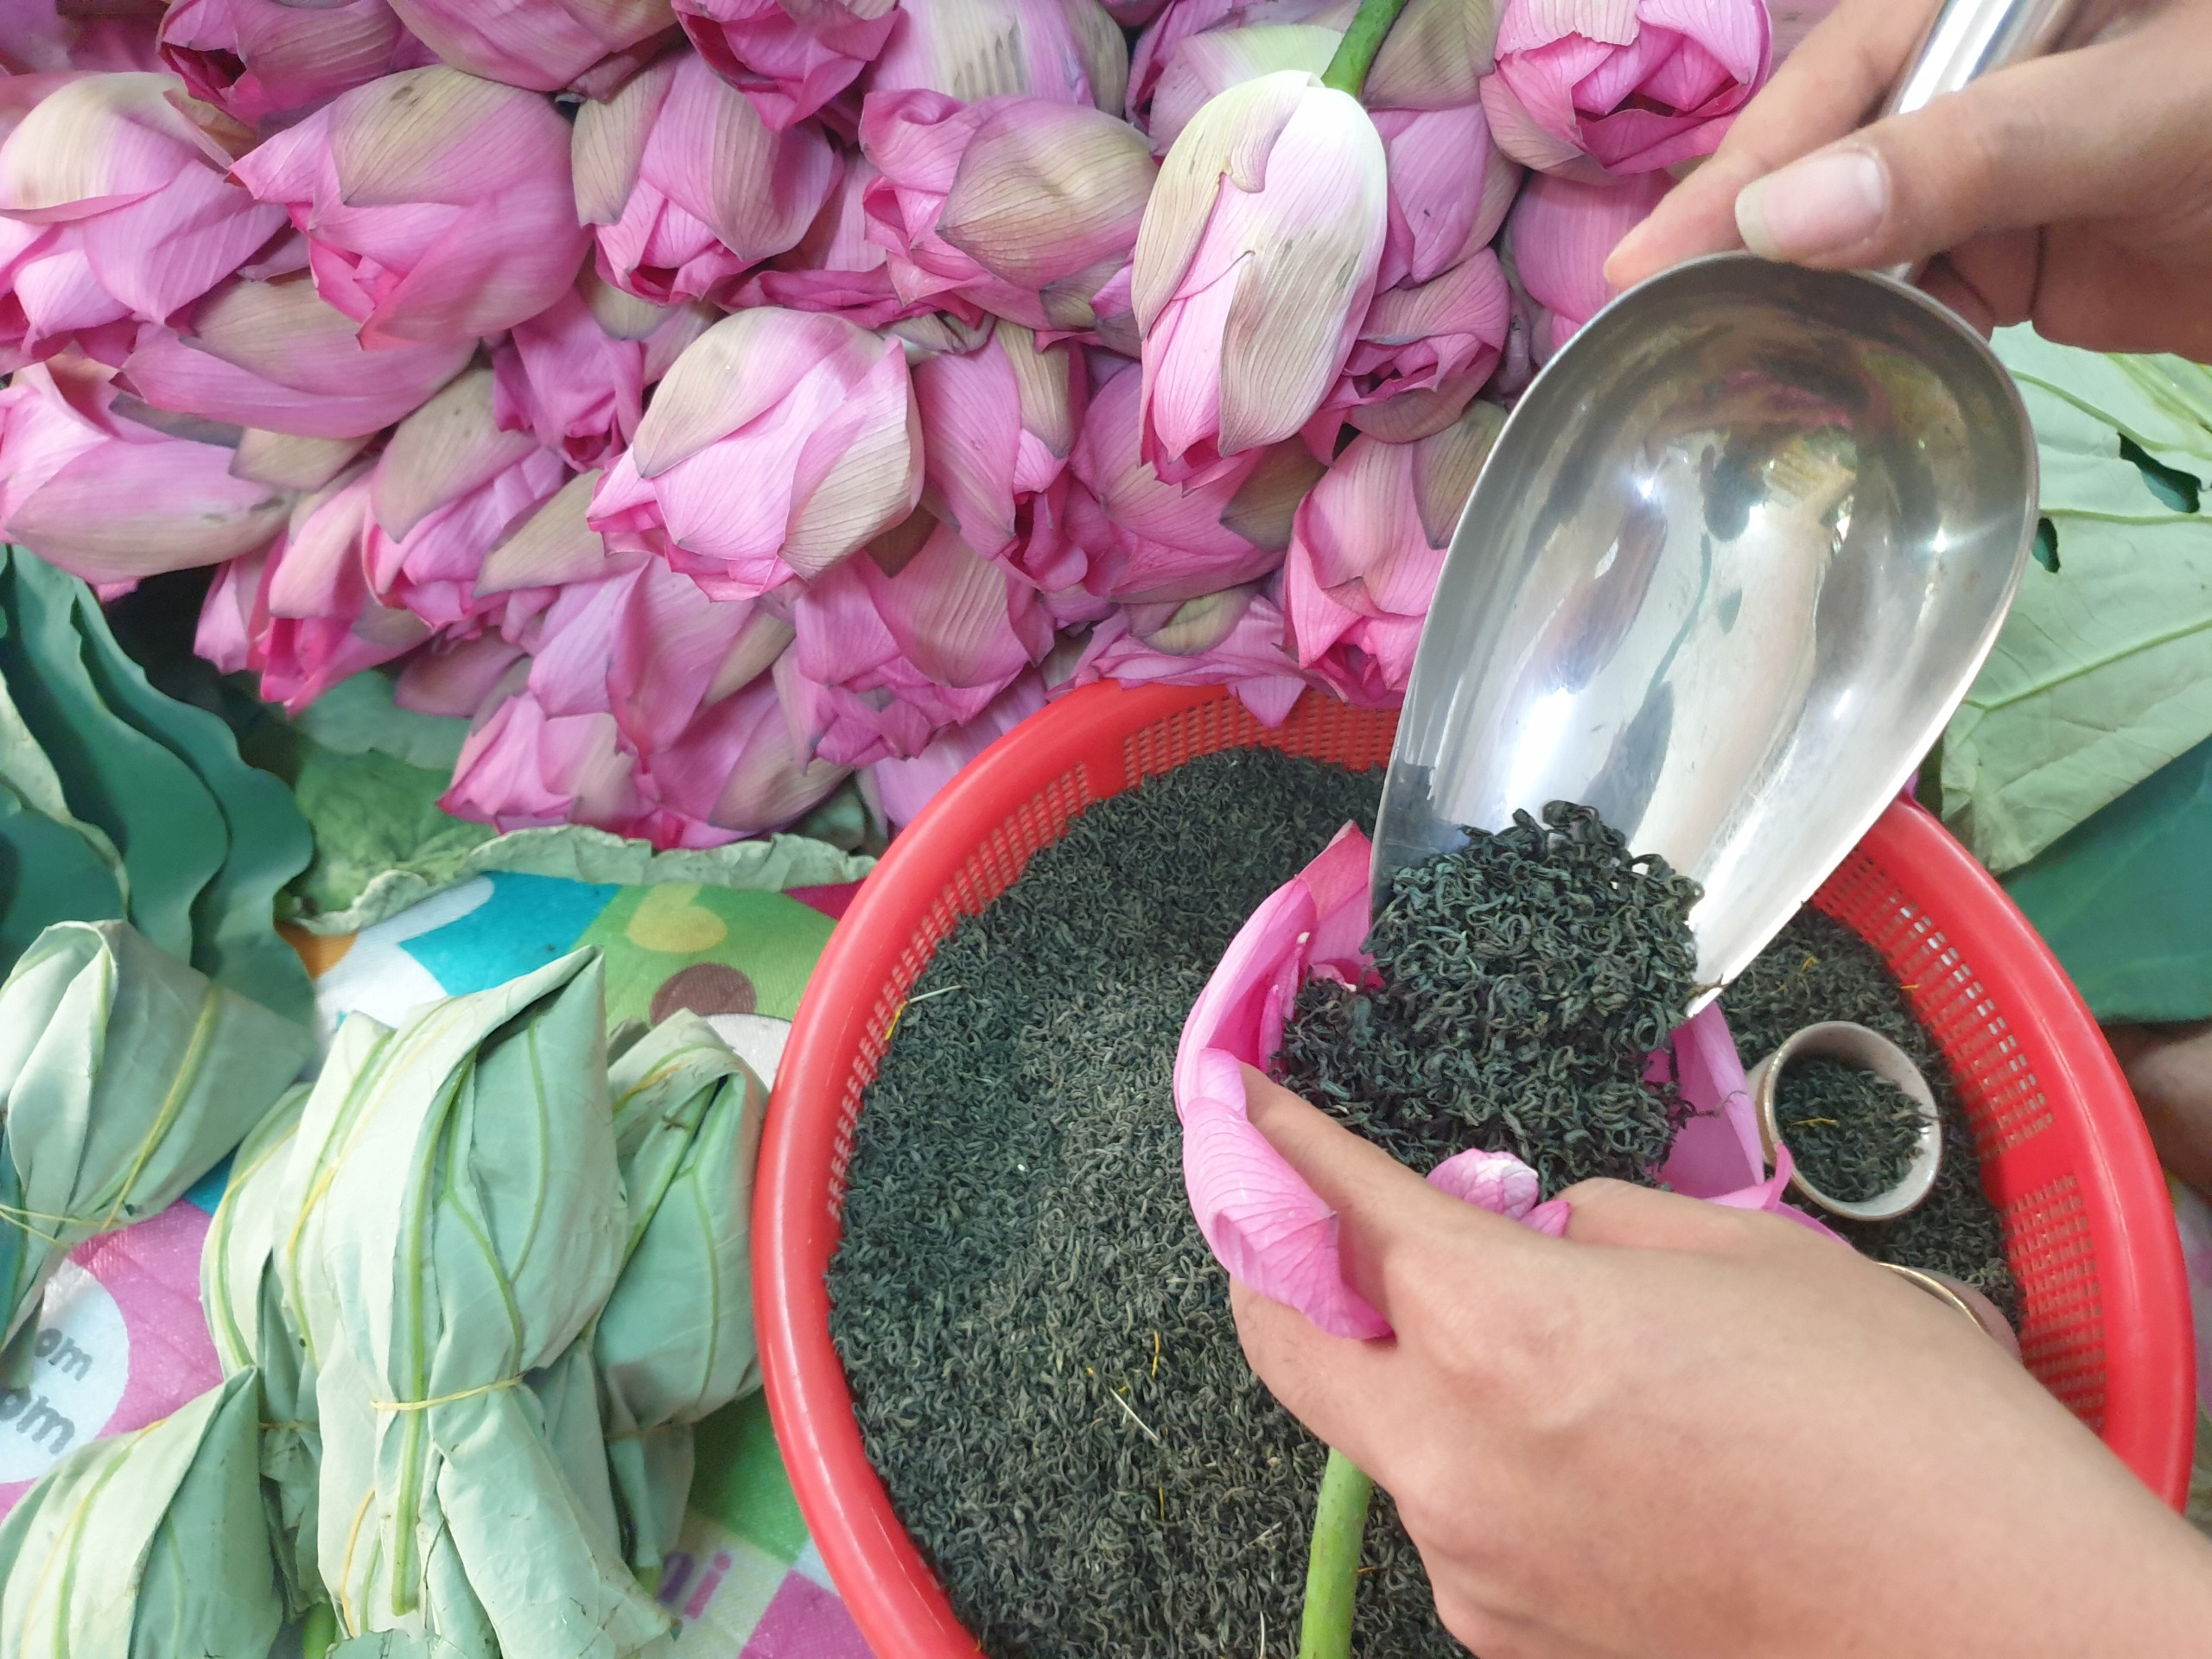 Nhờ công nghệ ướp đặc biệt, trà sen Việt vươn ra thế giới